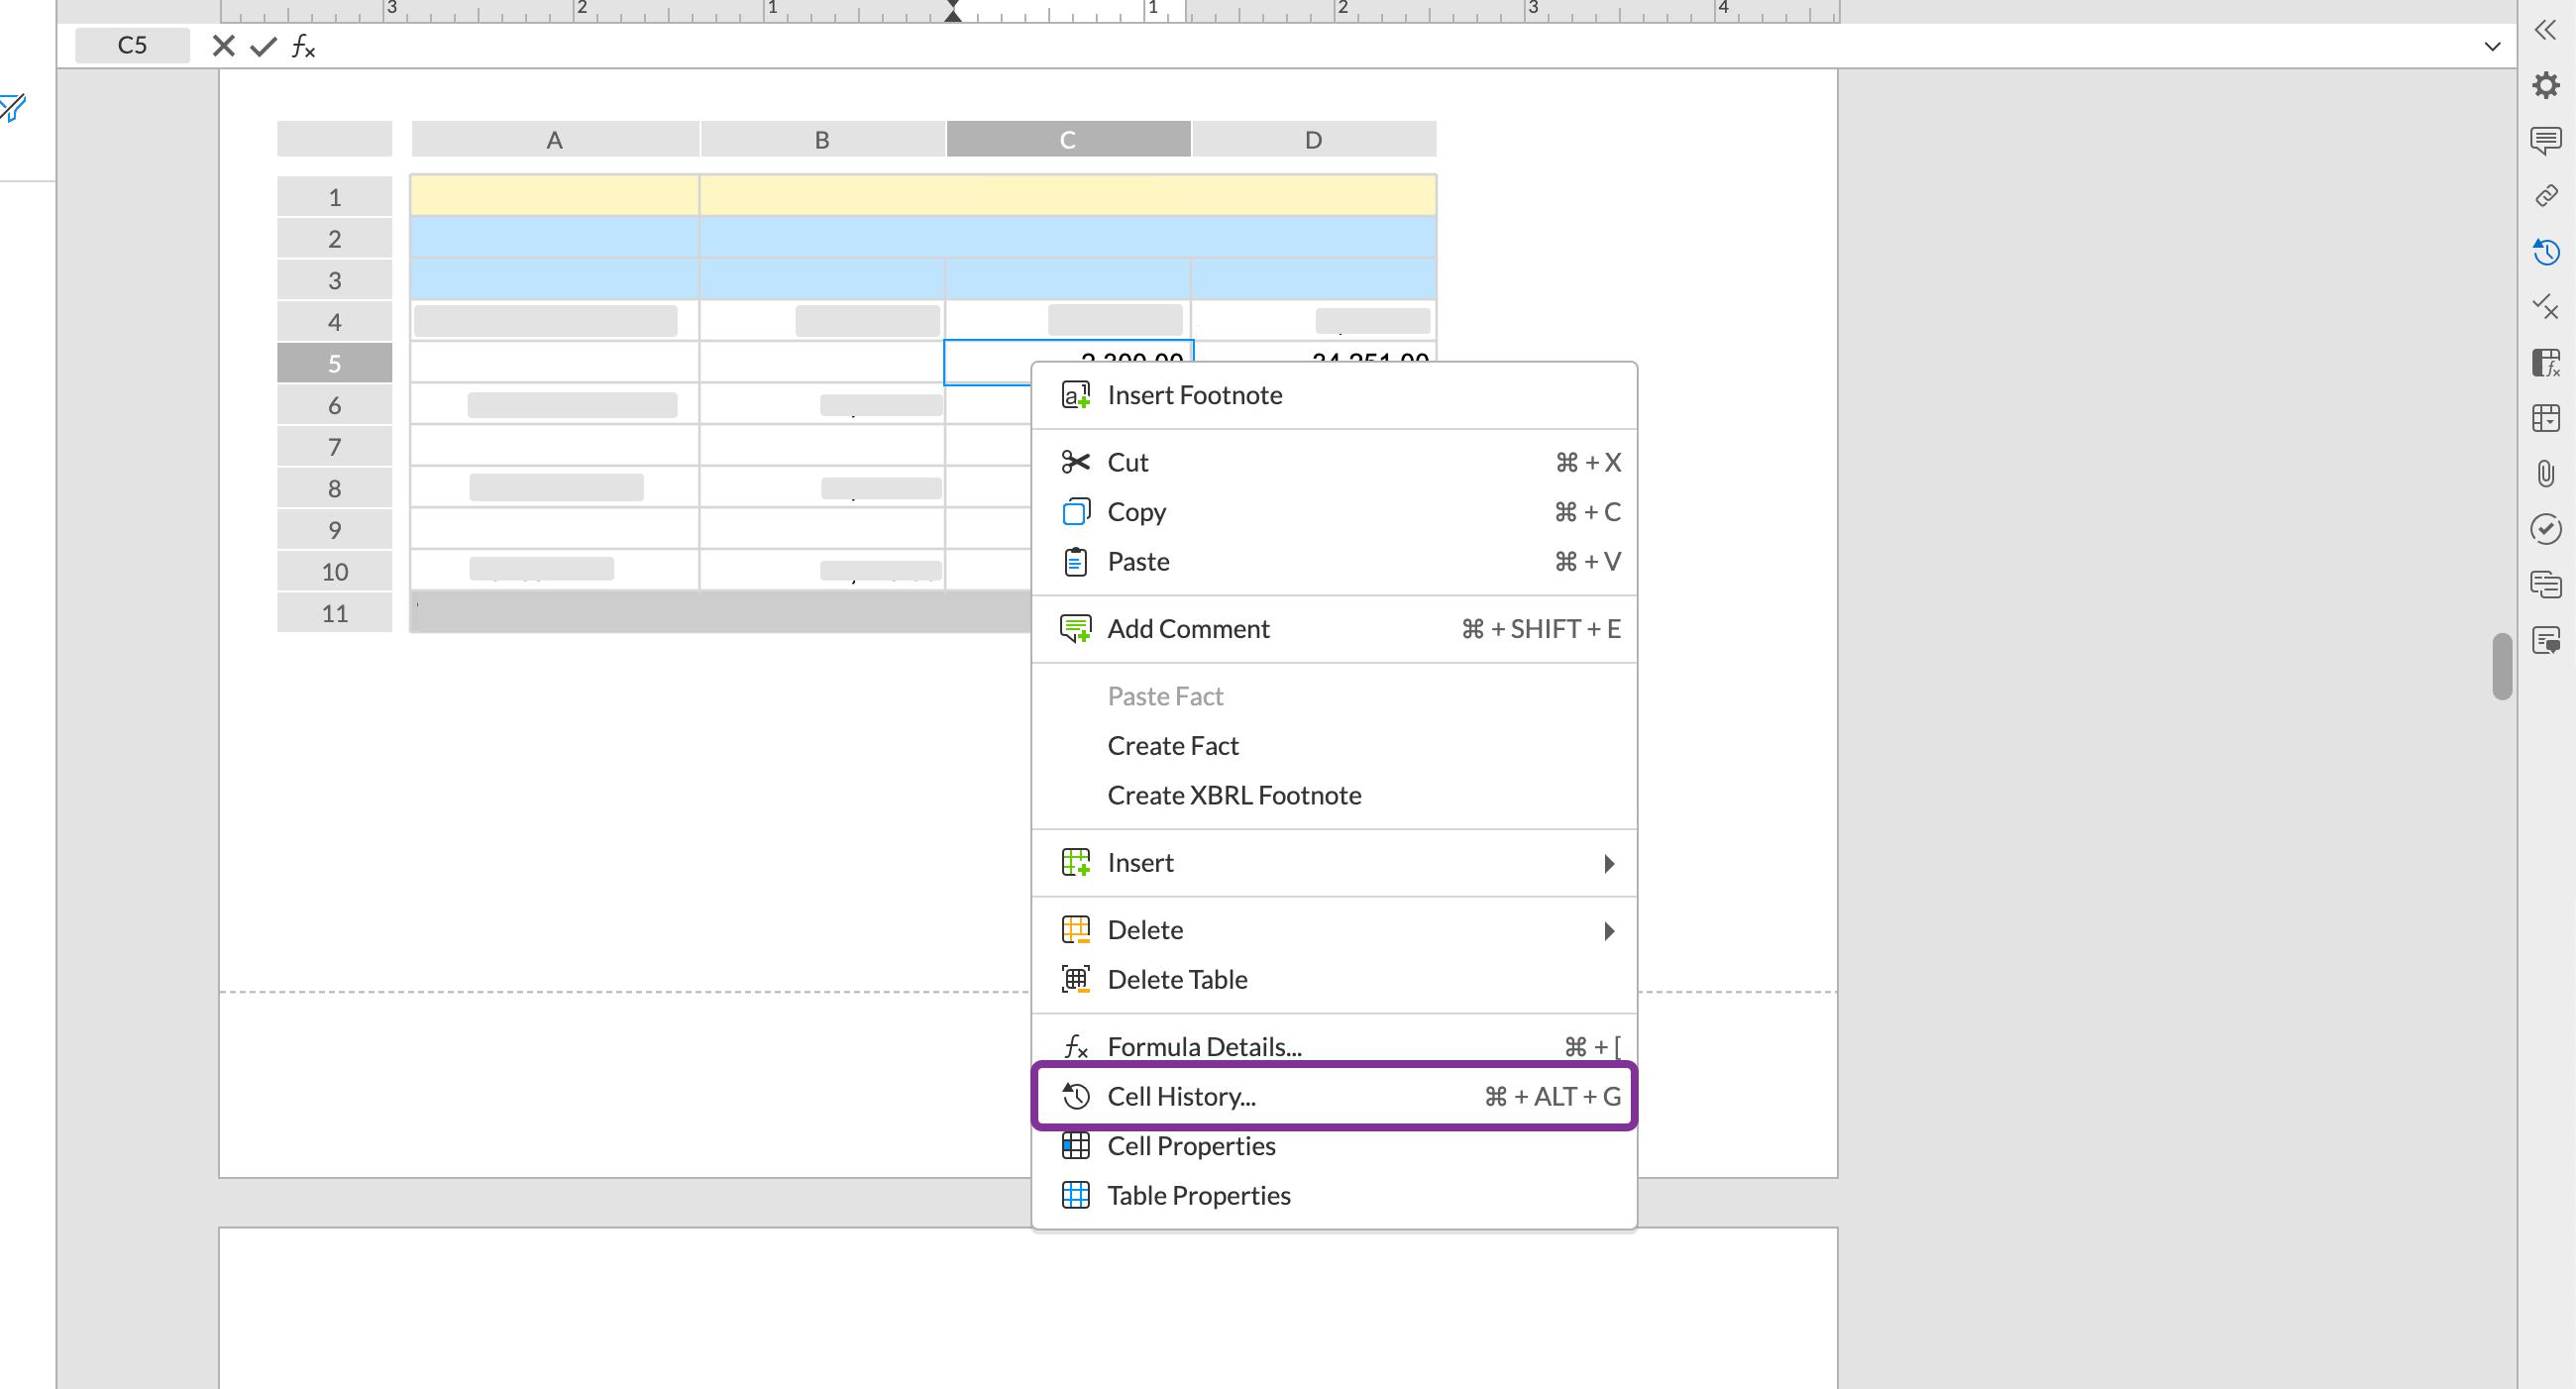 오른쪽 클릭 메뉴에서 셀 기록 선택